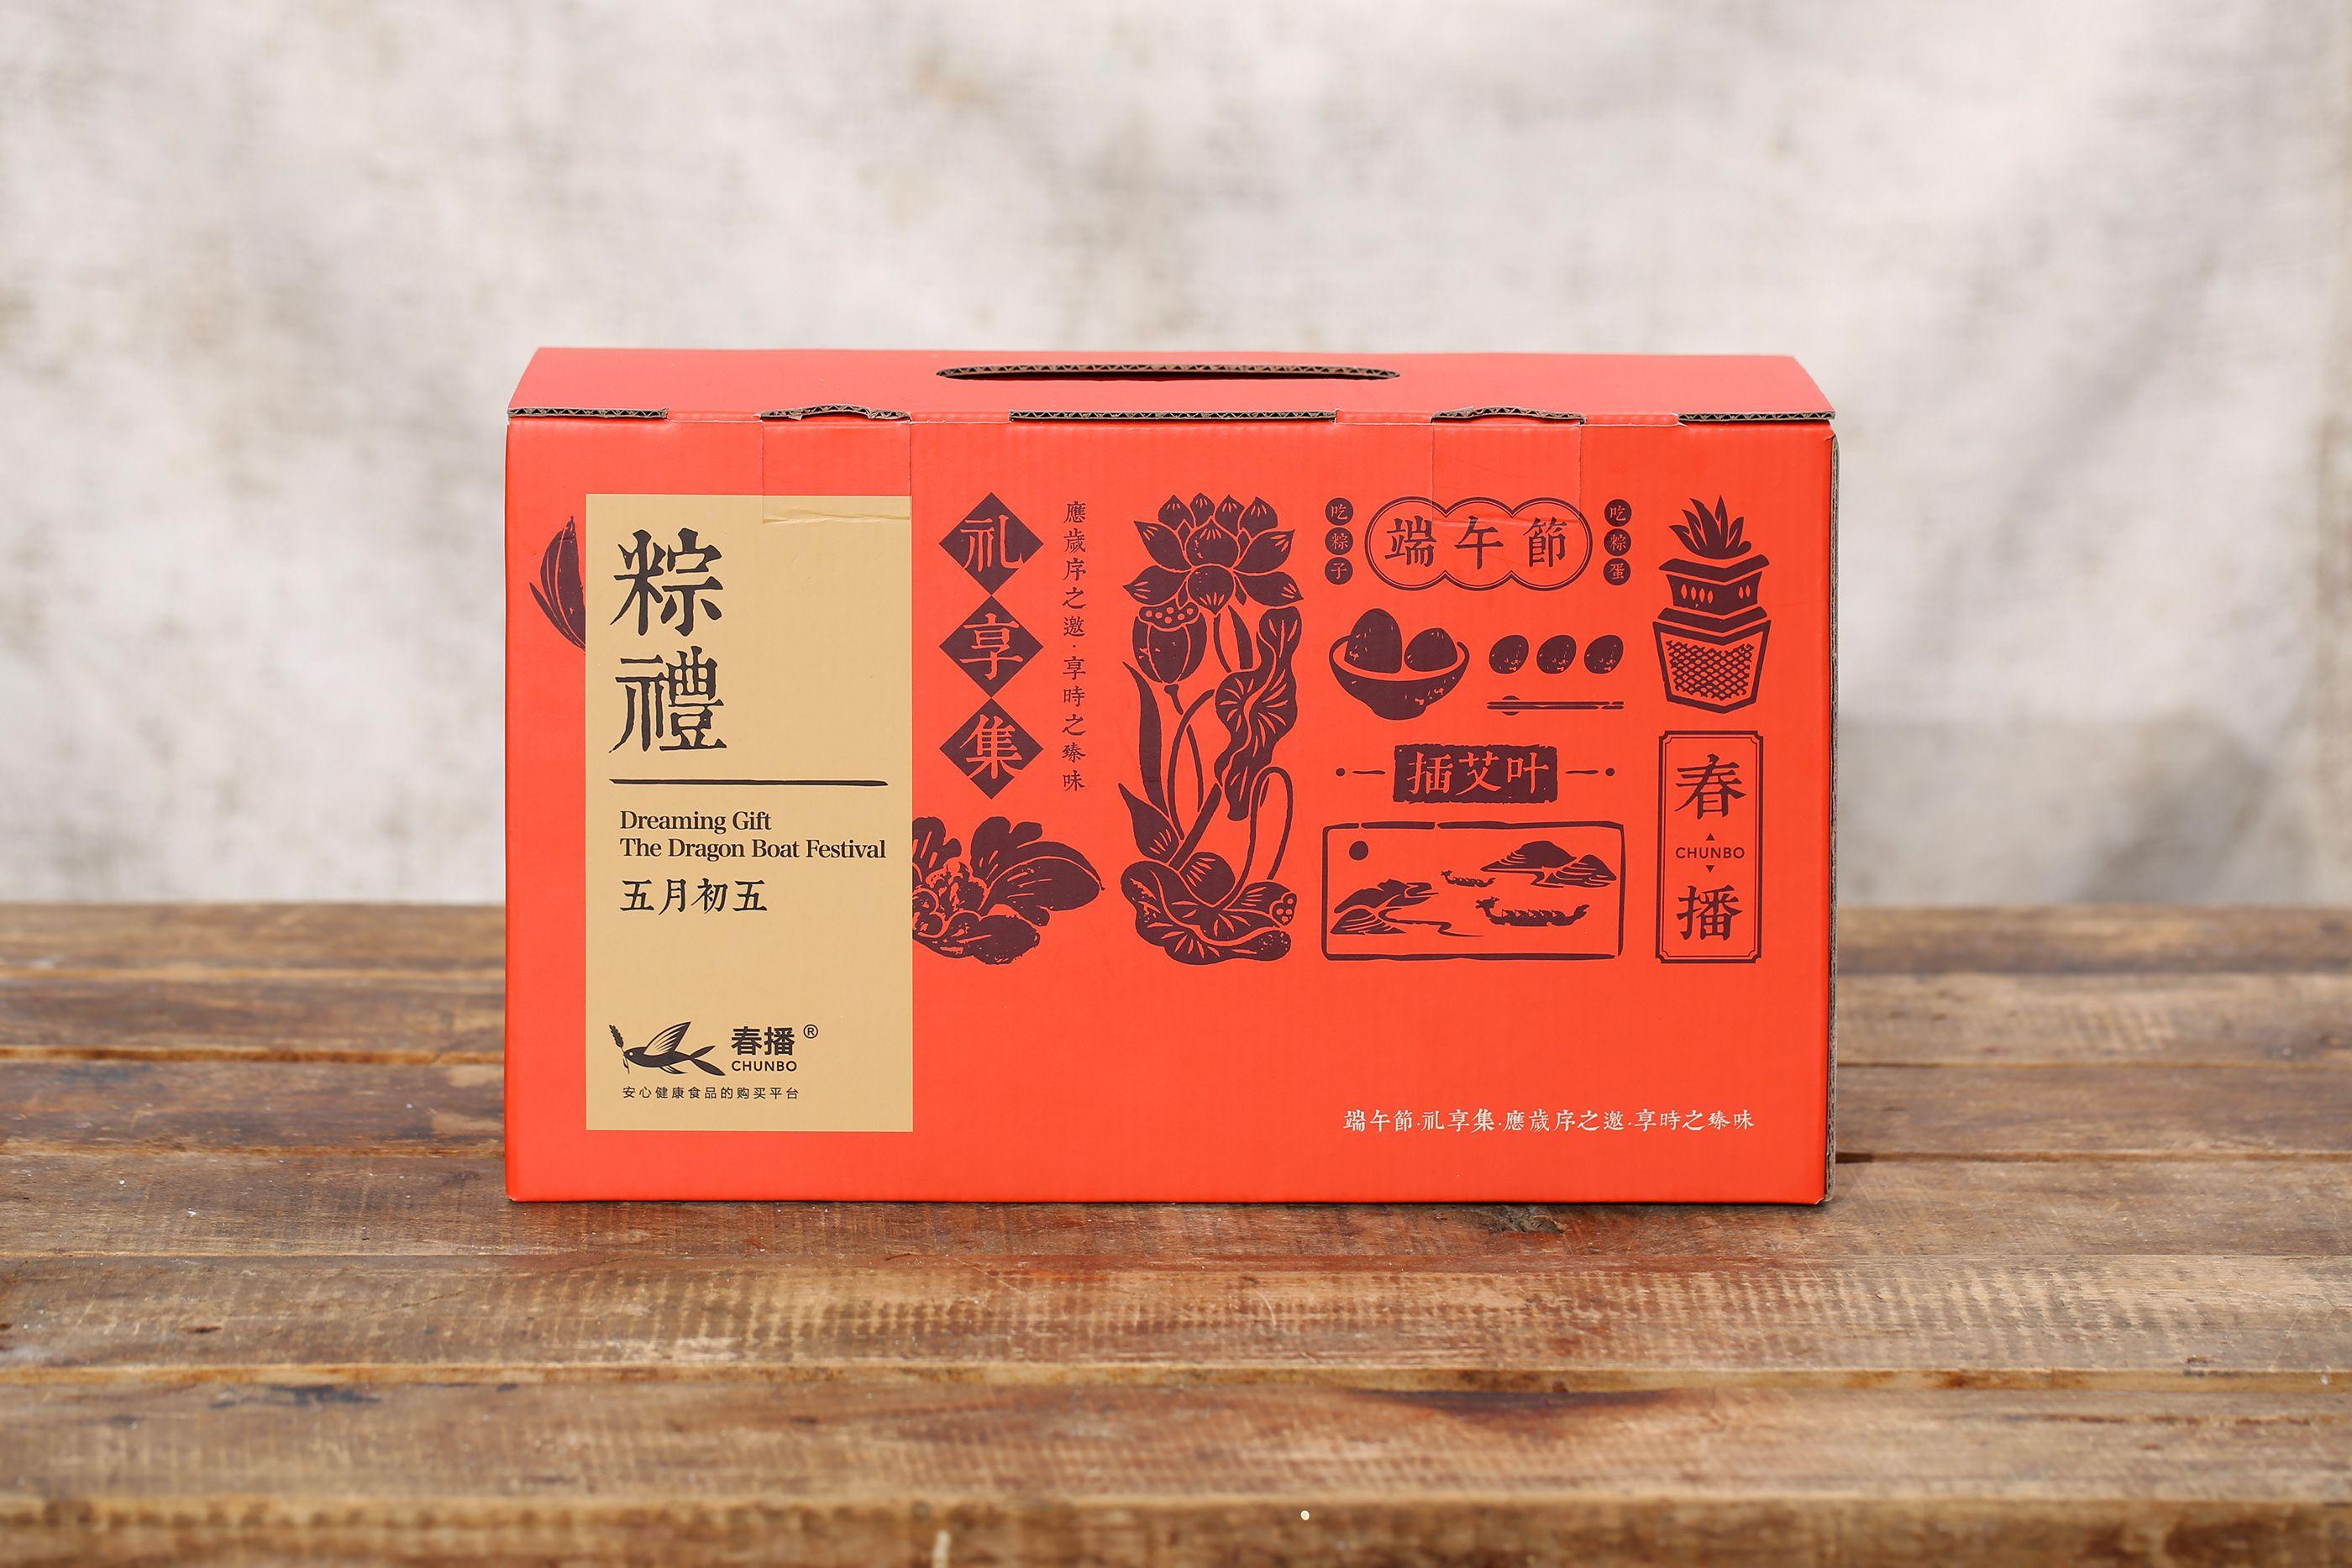 端午礼盒 On Behance Tea Packaging Design Box Packaging Design Food Graphic Design